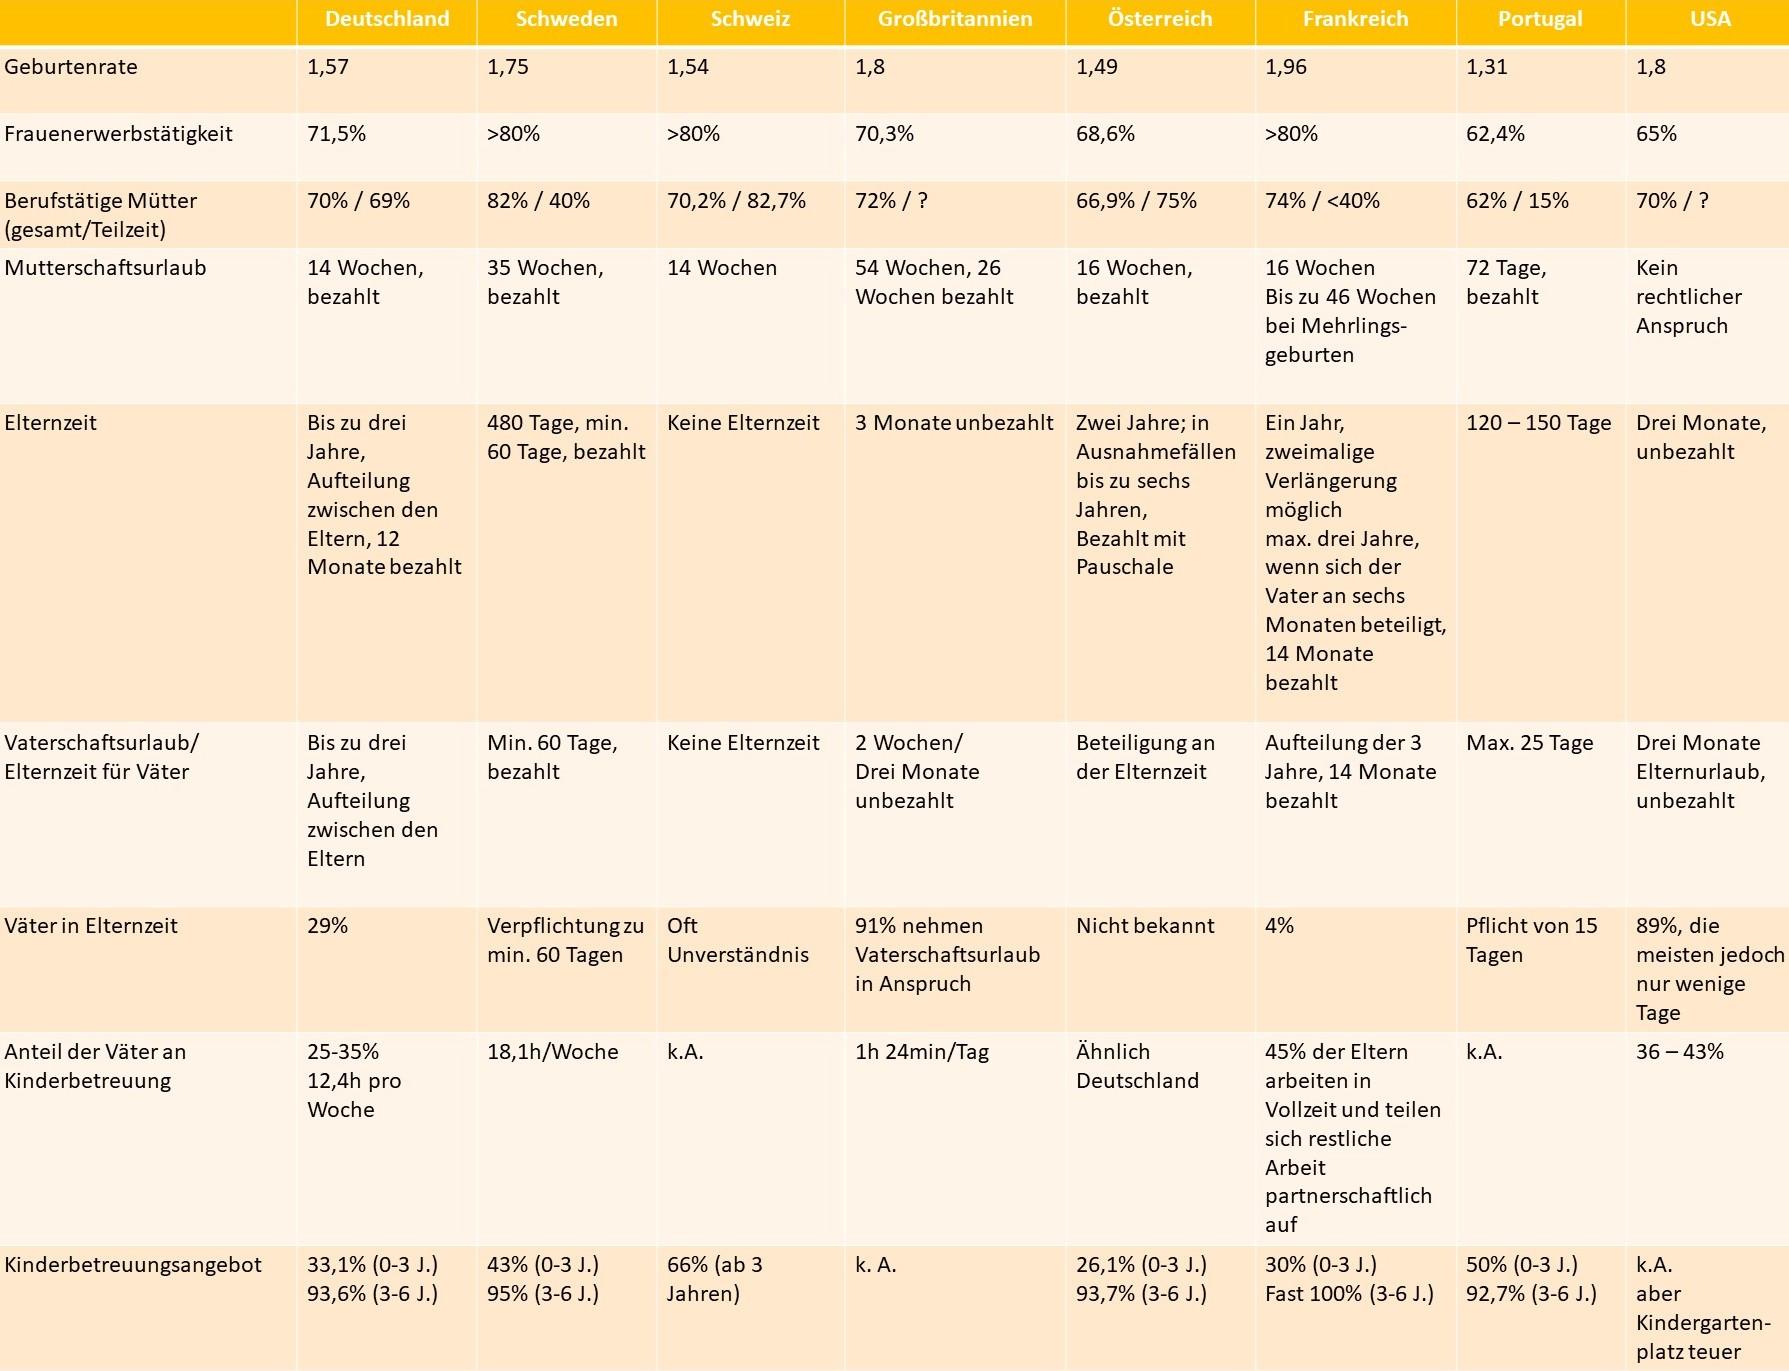 Tabelle_Ländervergleich-Vereinbarkeit Familie Beruf - Jobs für Mütter Väter - Jobbörse